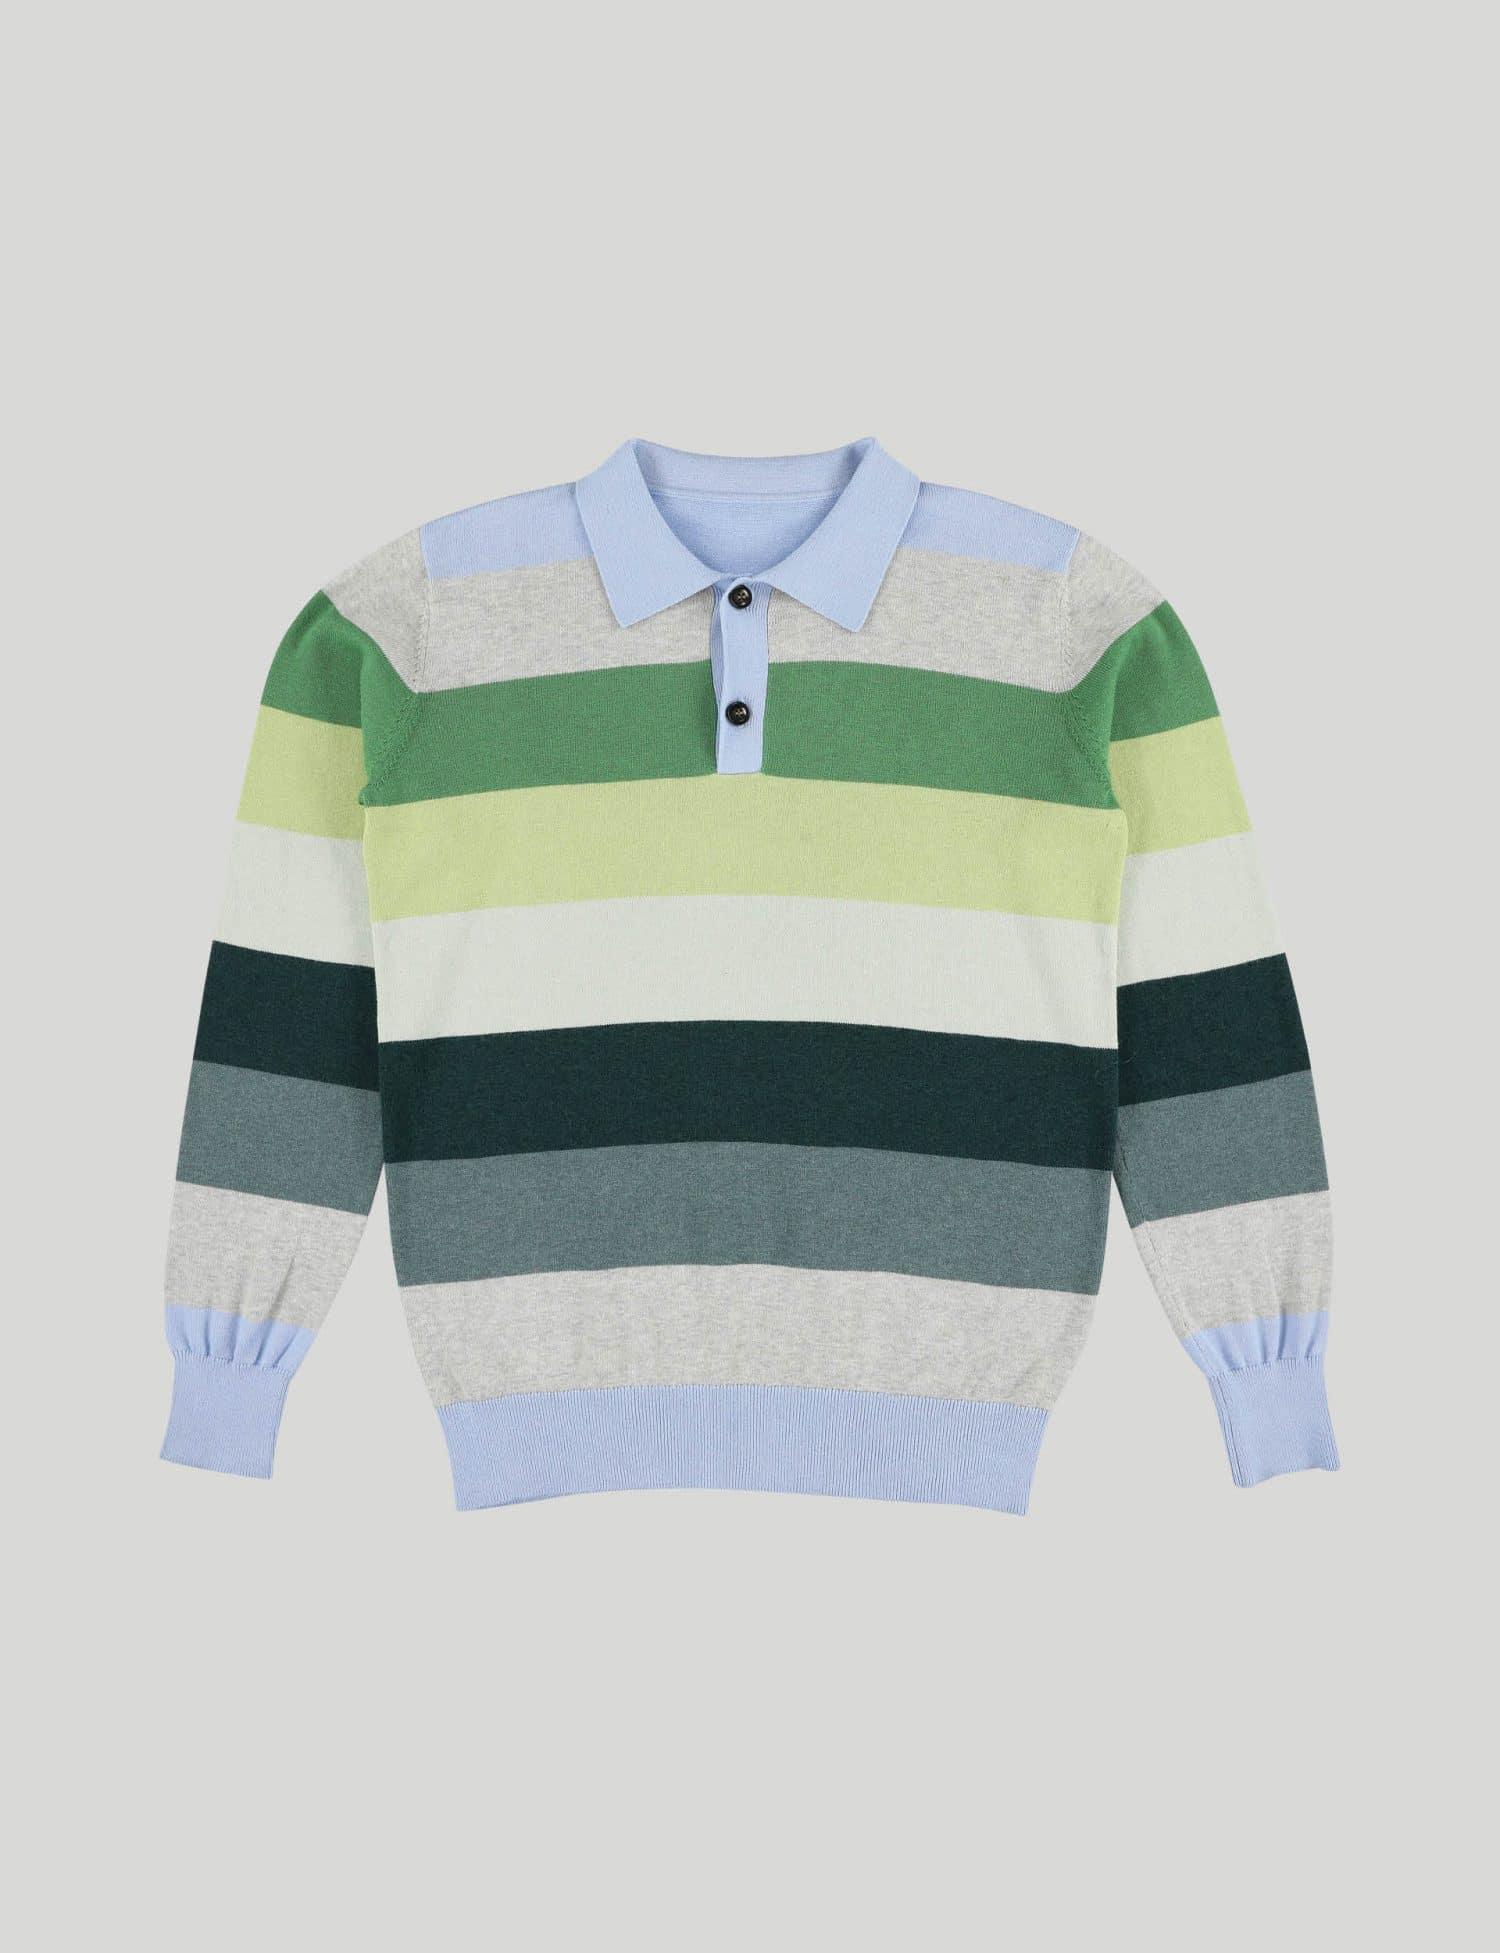 Castart - Teddy bear knitwear - Light Blue